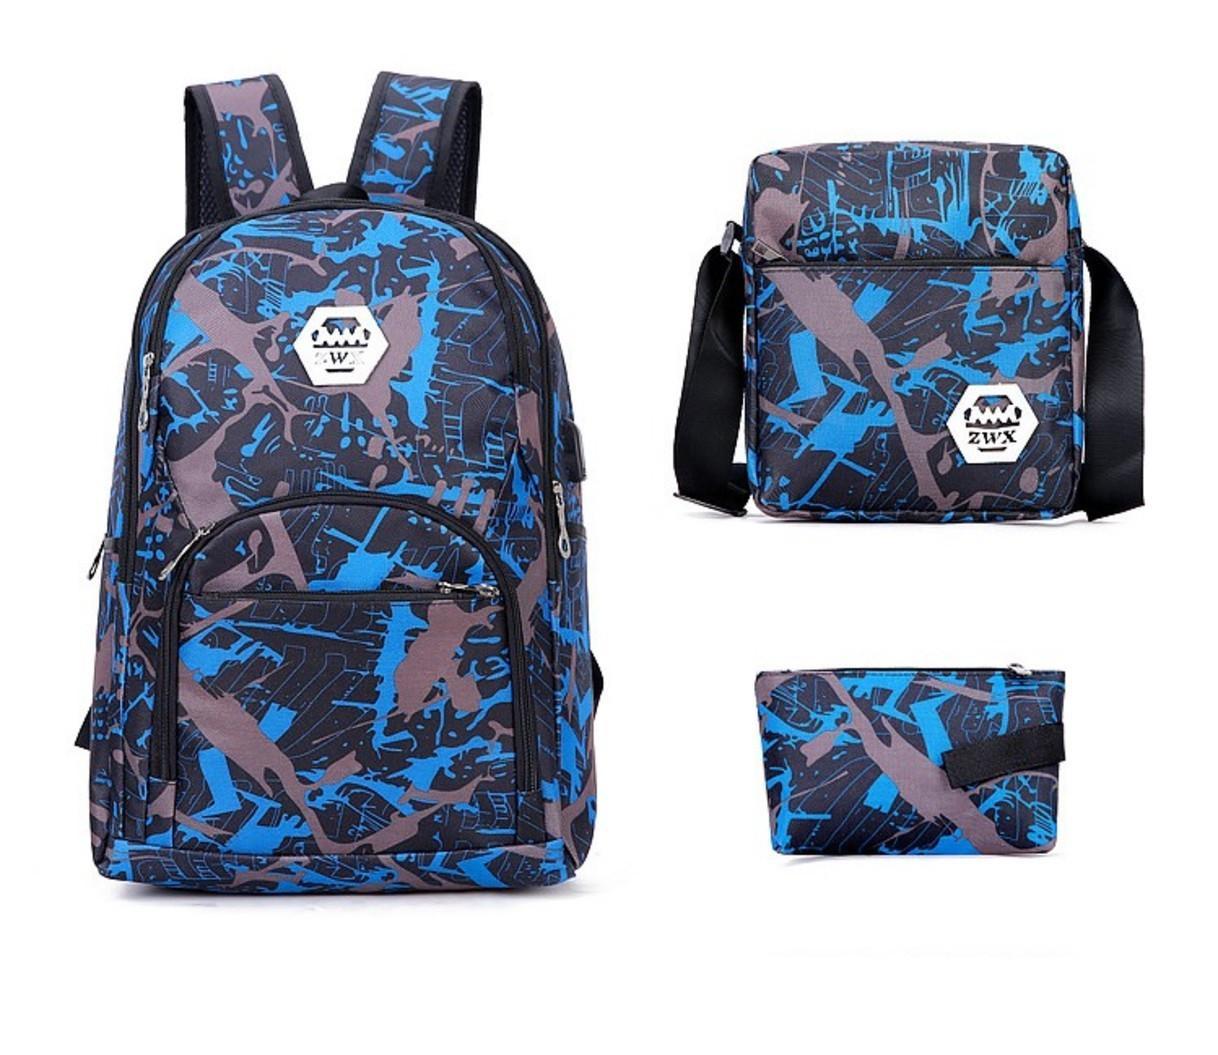 2022 Top Qualität Out Outdoor-Taschen Camouflage Reiserucksack Computertasche Oxford Bremskette Mittelschule Student Bag viele Farben